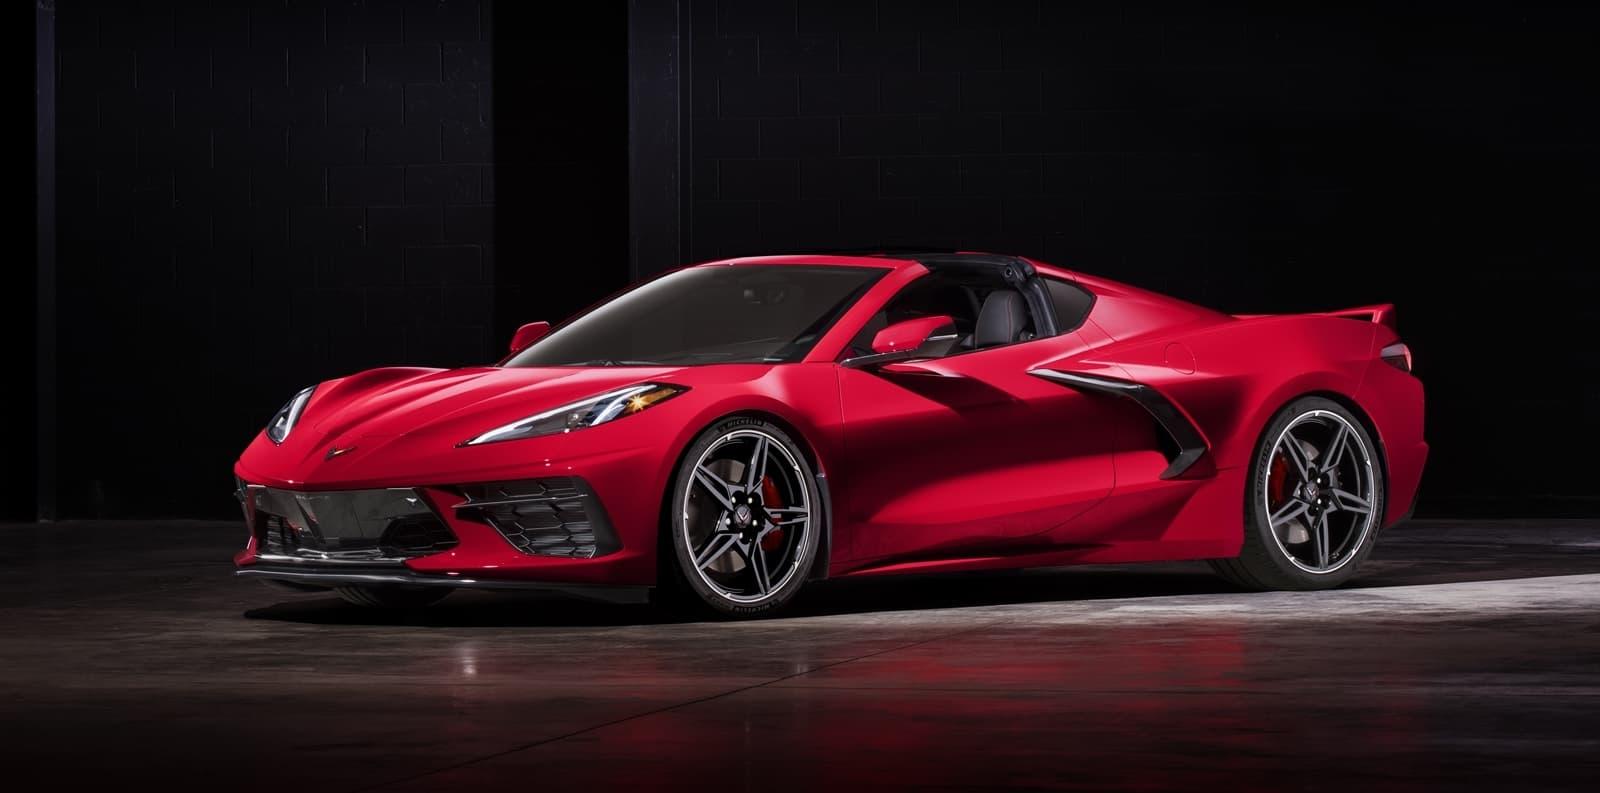 Chevrolet Corvette 2020 0719 038